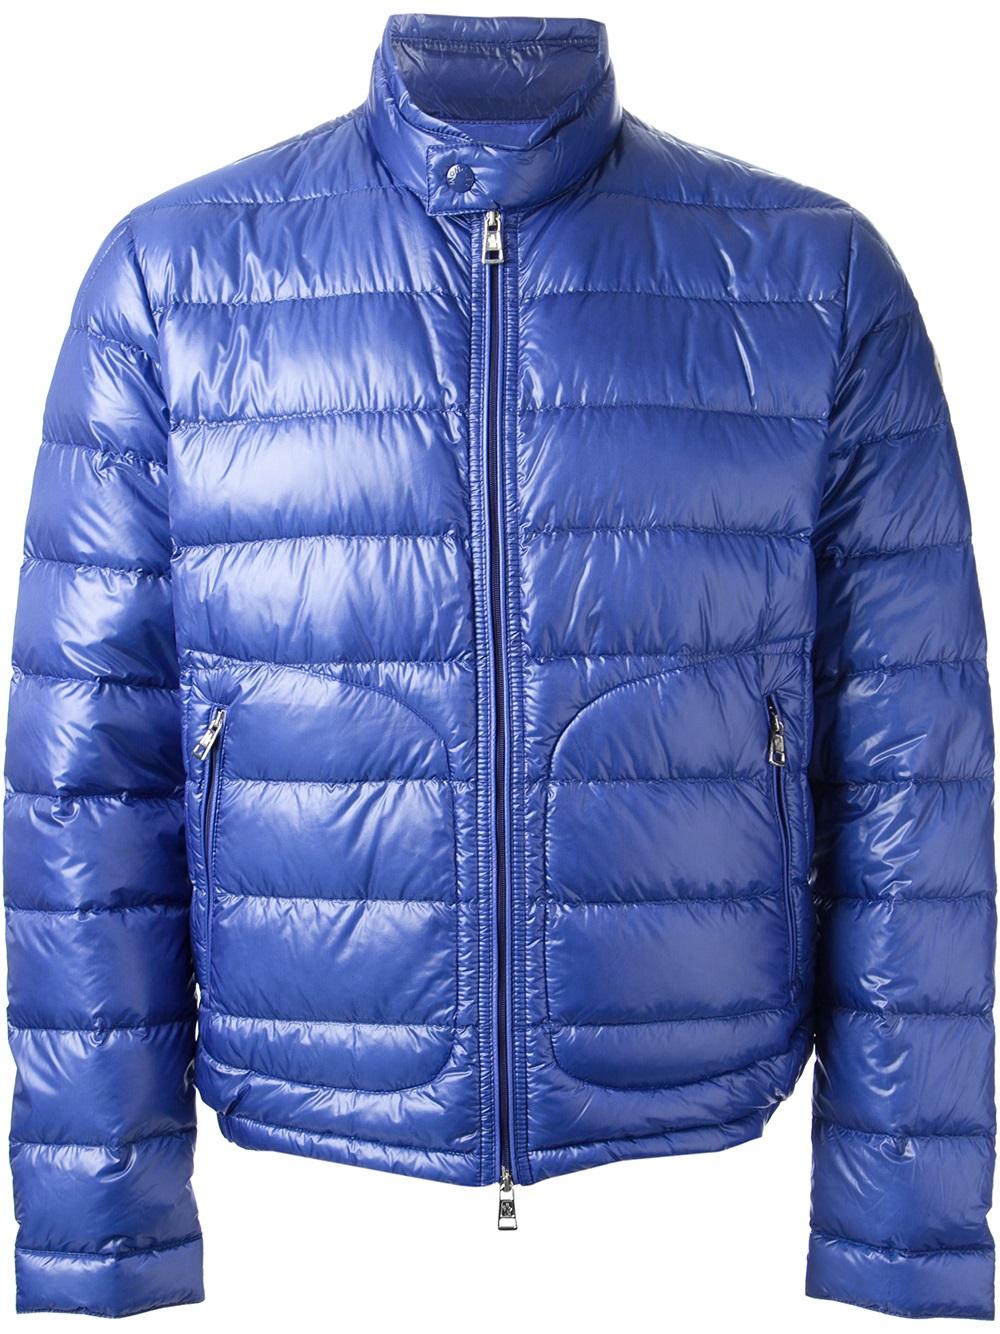 moncler blue jacket mens